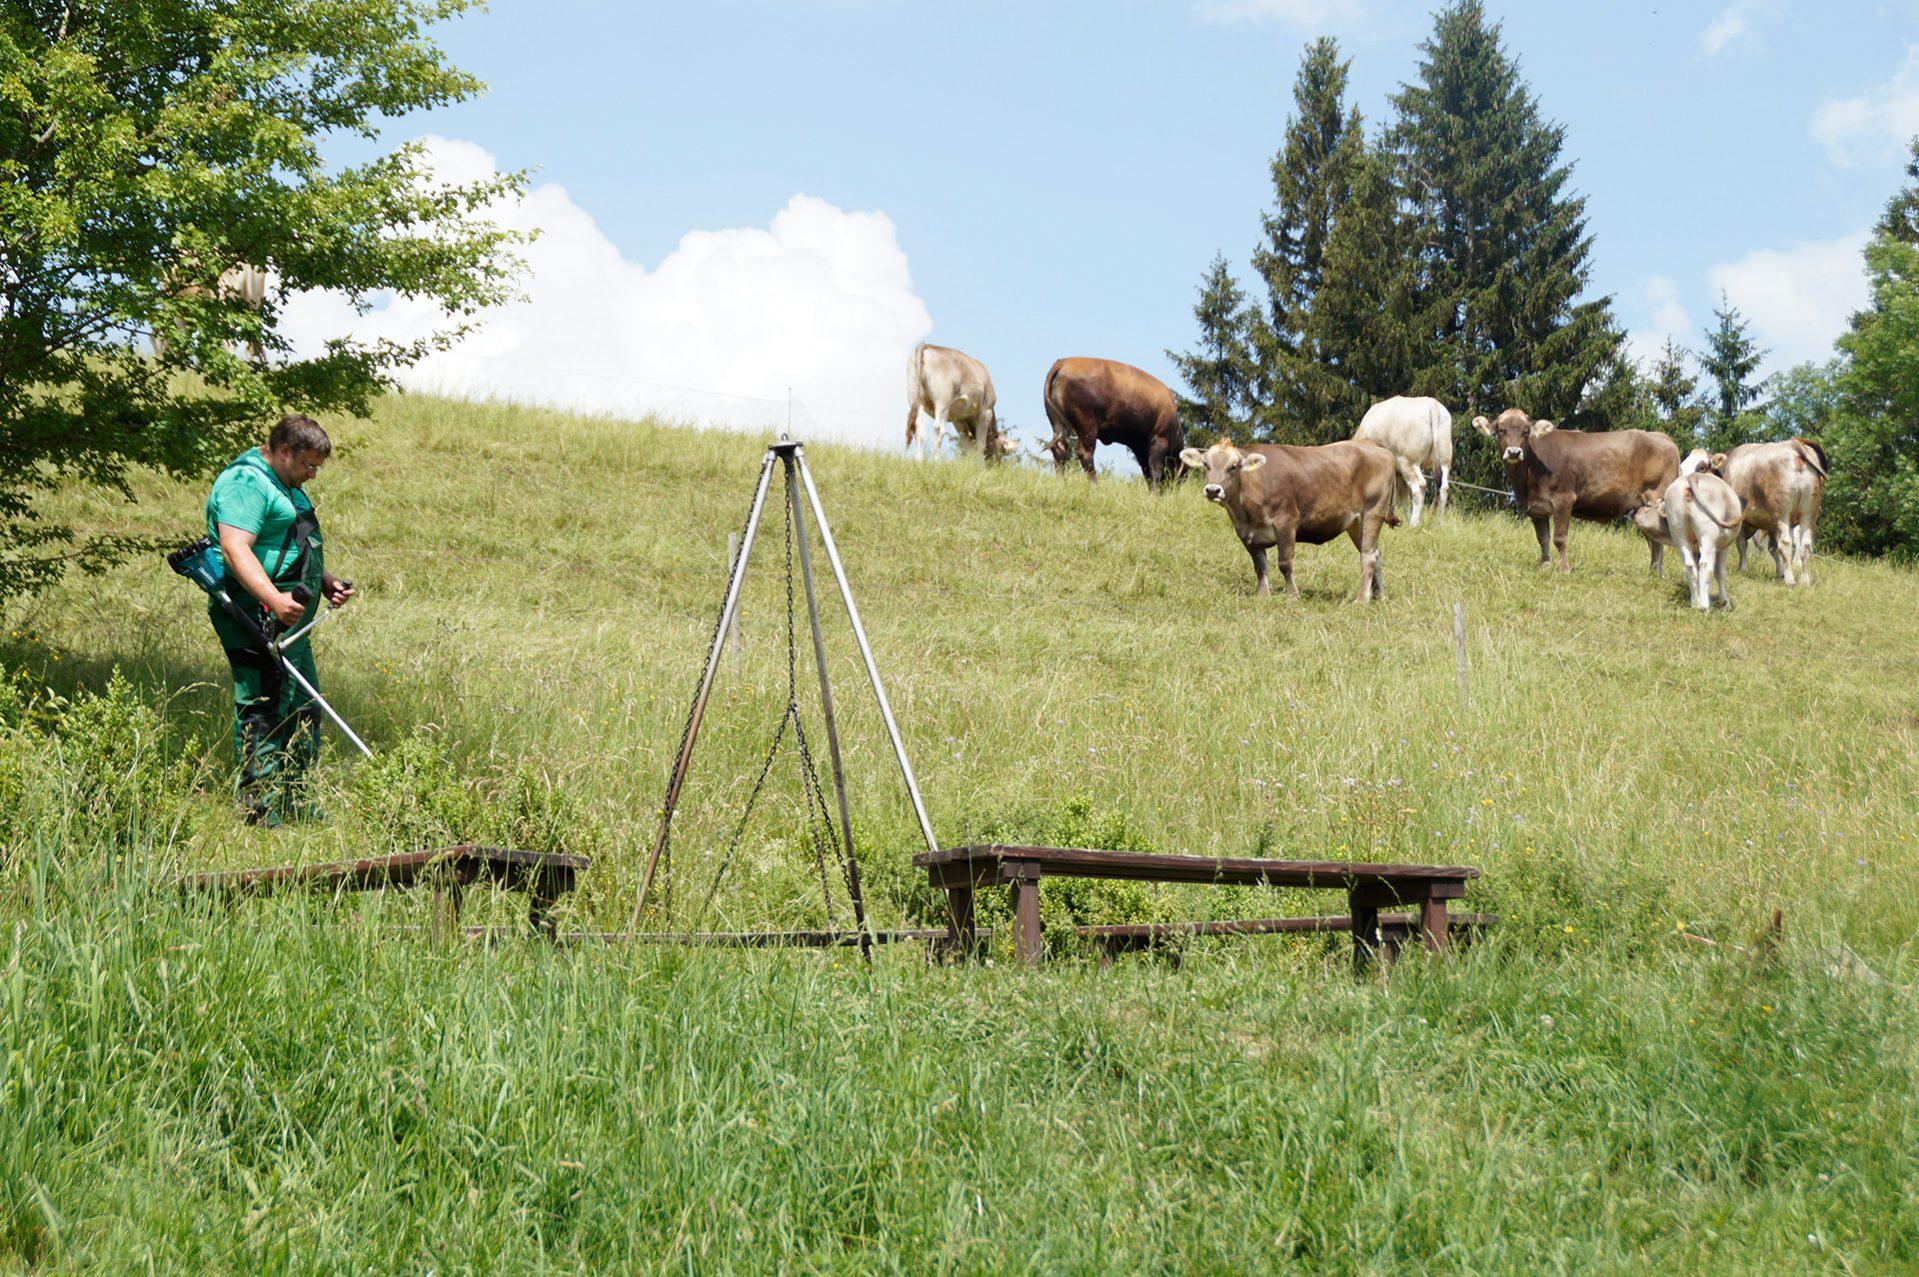 traurig beobachtet die Kuh das Rasenmähen